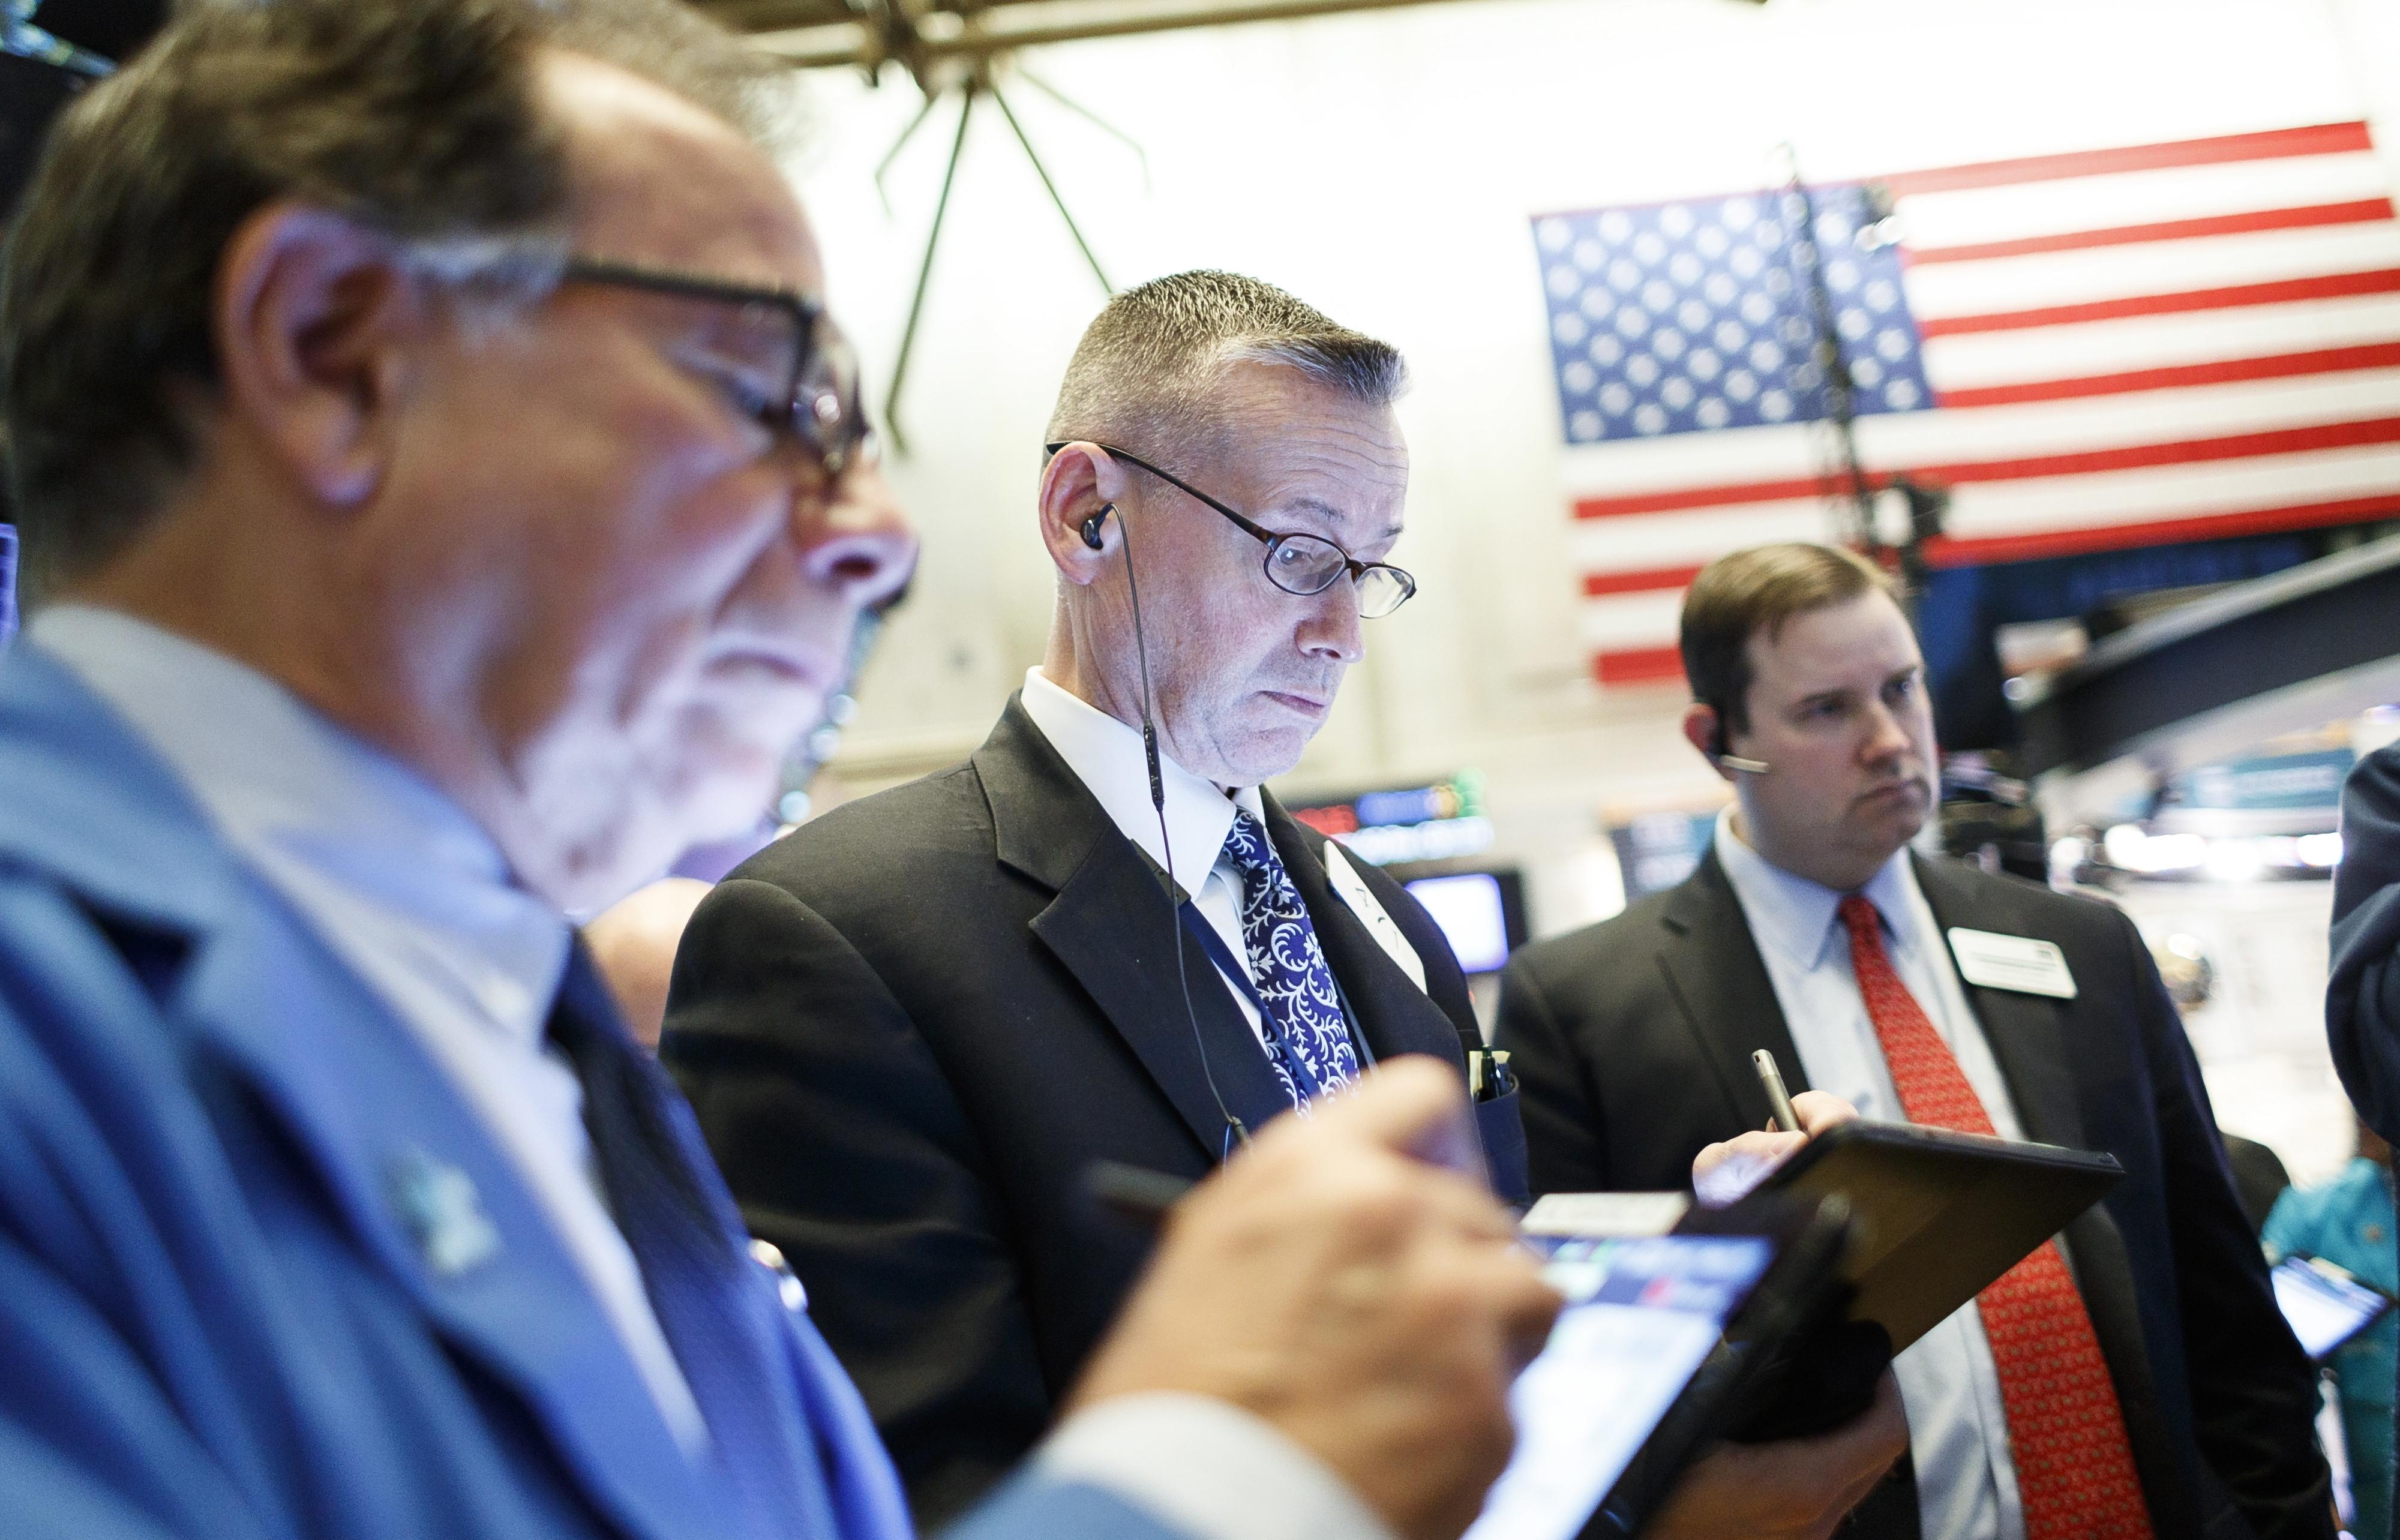 Bolsa de Wall Street negoceia em alta pouco após o início da sessão